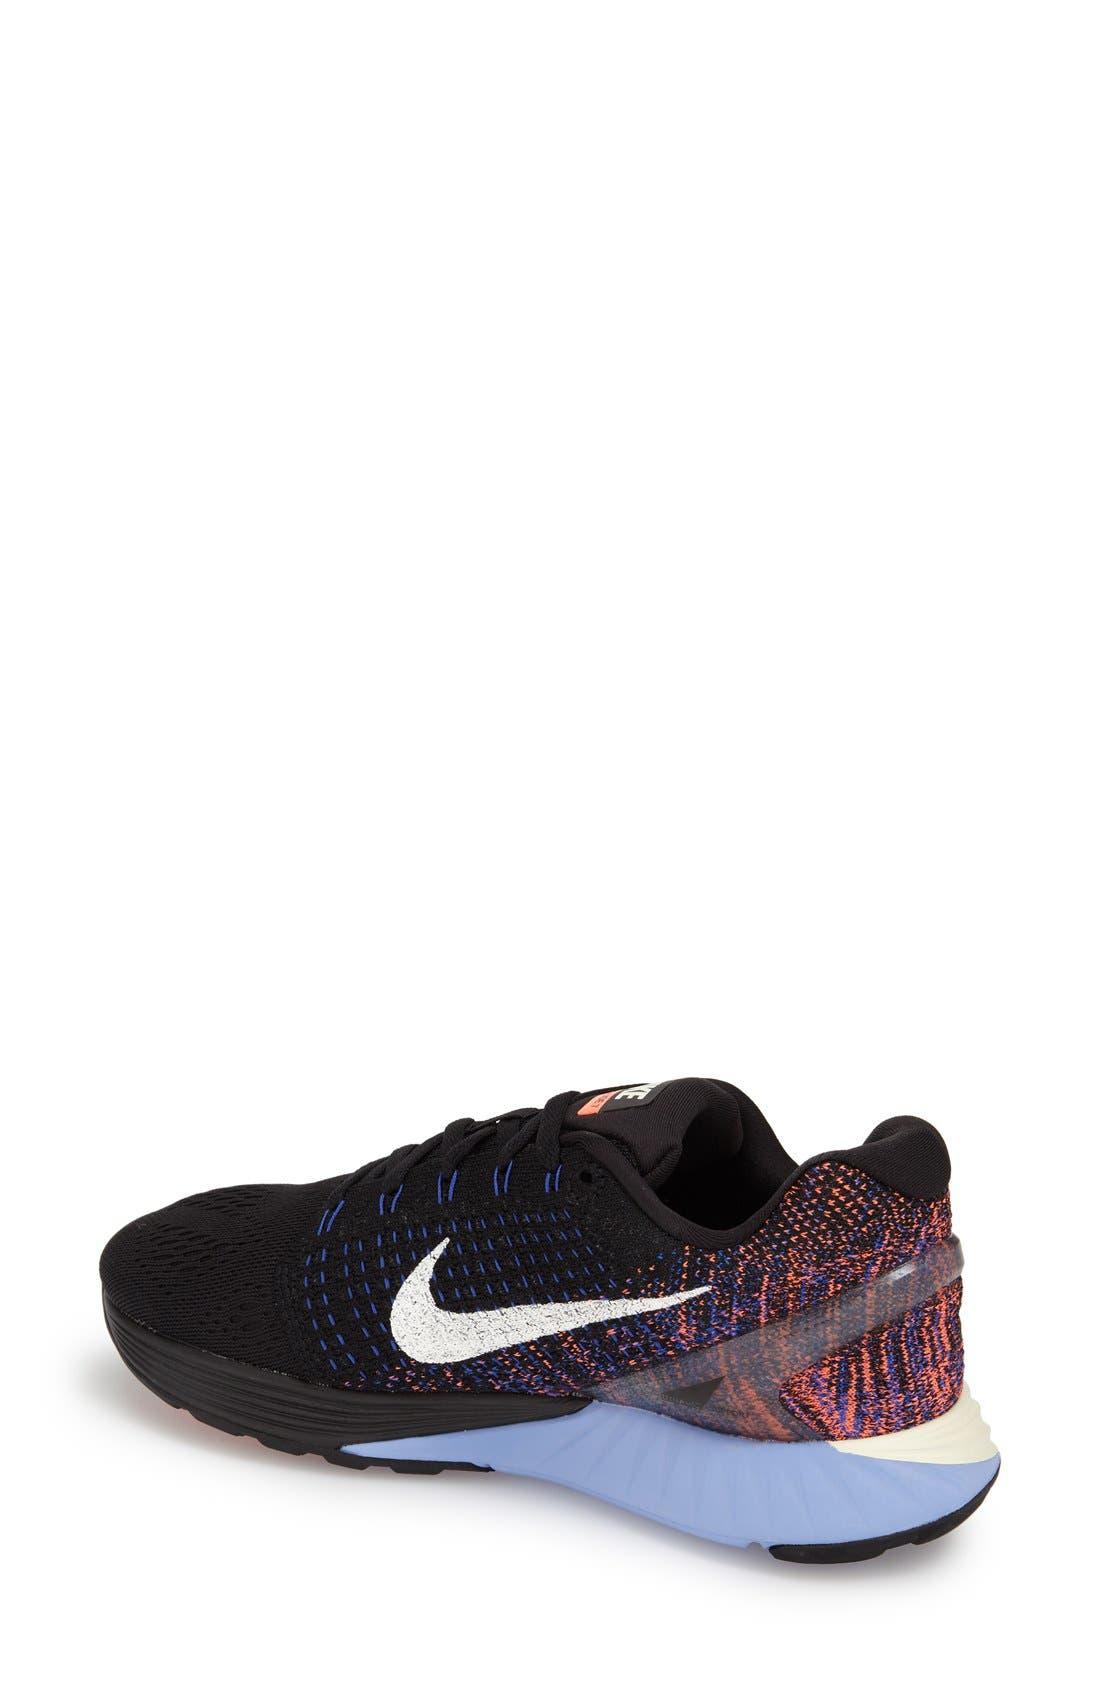 Alternate Image 3  - Nike 'LunarGlide 7' Running Shoe (Women)